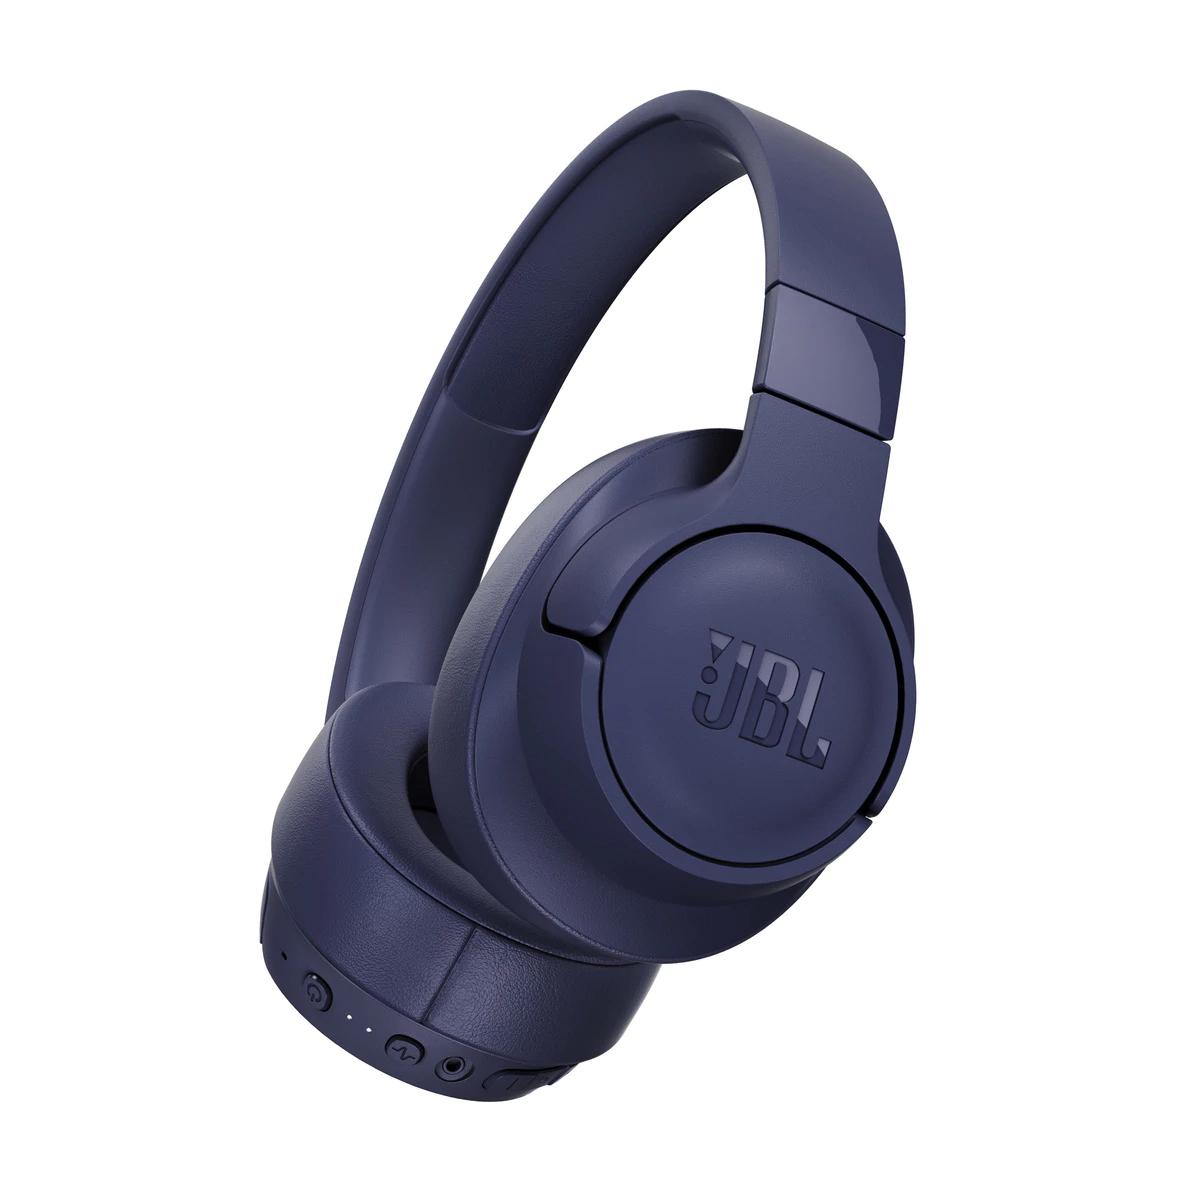 Auriculares JBL Tune 750 By Harman 99€